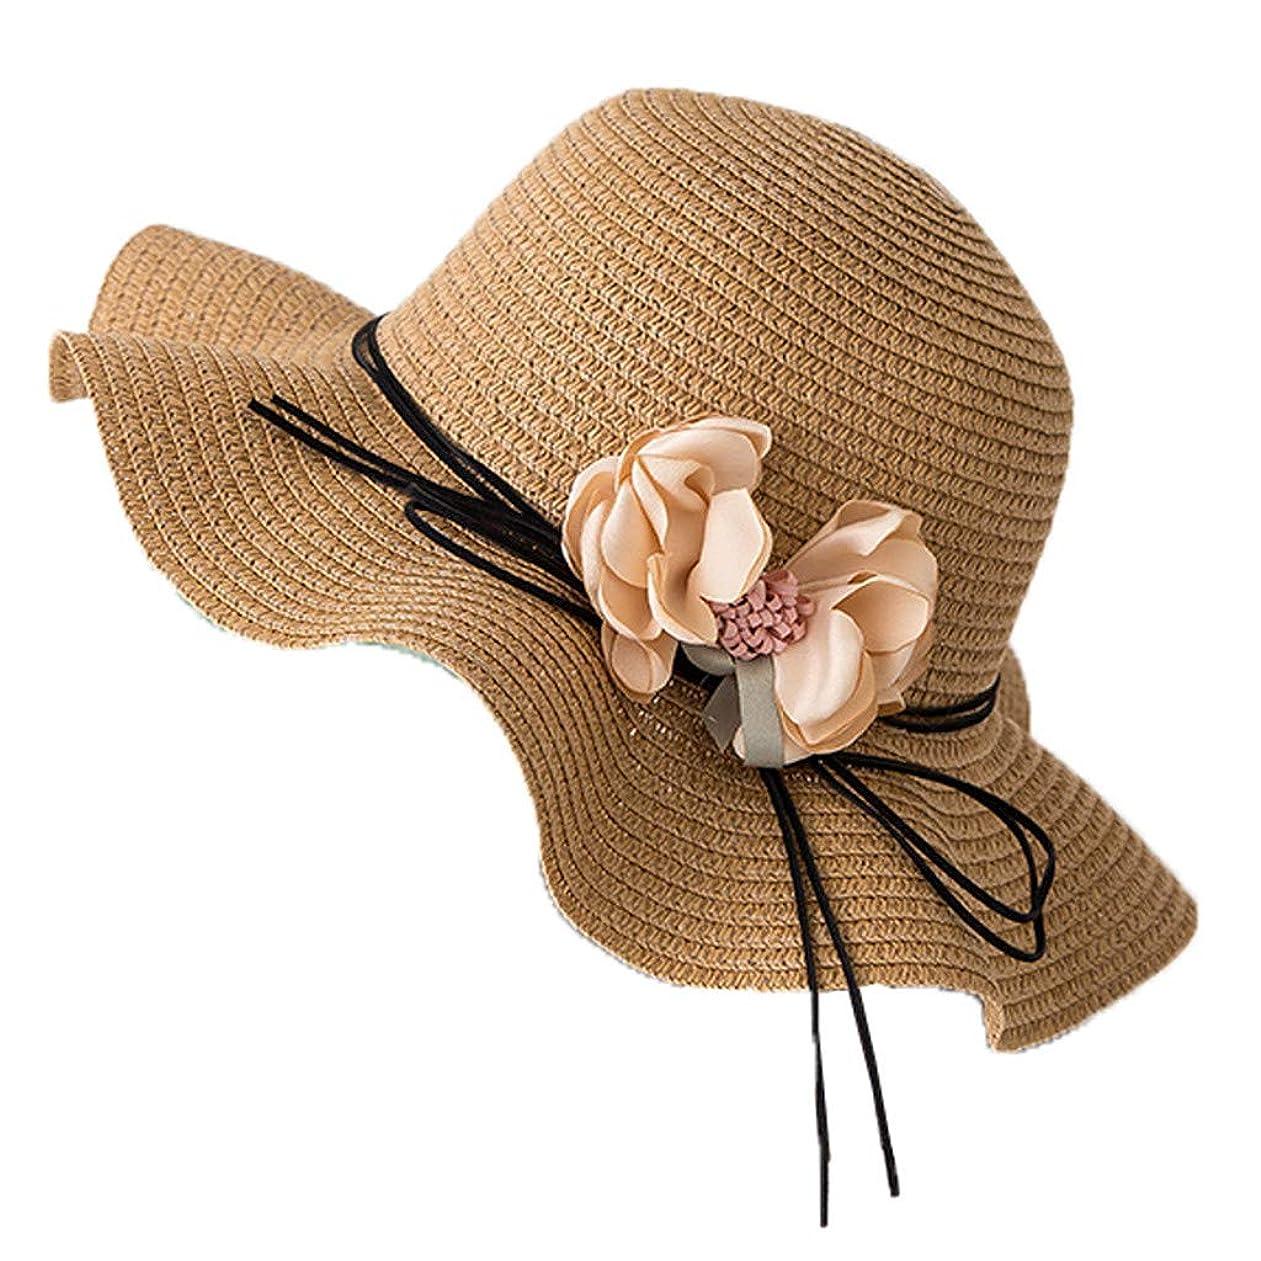 帽子ツールアジテーションROSE ROMAN - キャップ 帽子 レディース ニット帽 帽子 サイズ調整 テープ 日よけ帽子 日焼け防止 UVカット 率100% 紫外線対策 韓国ファッション 春 夏 uv 日除け カジュアル サイズ調整可能 可愛い 夏季 女優帽